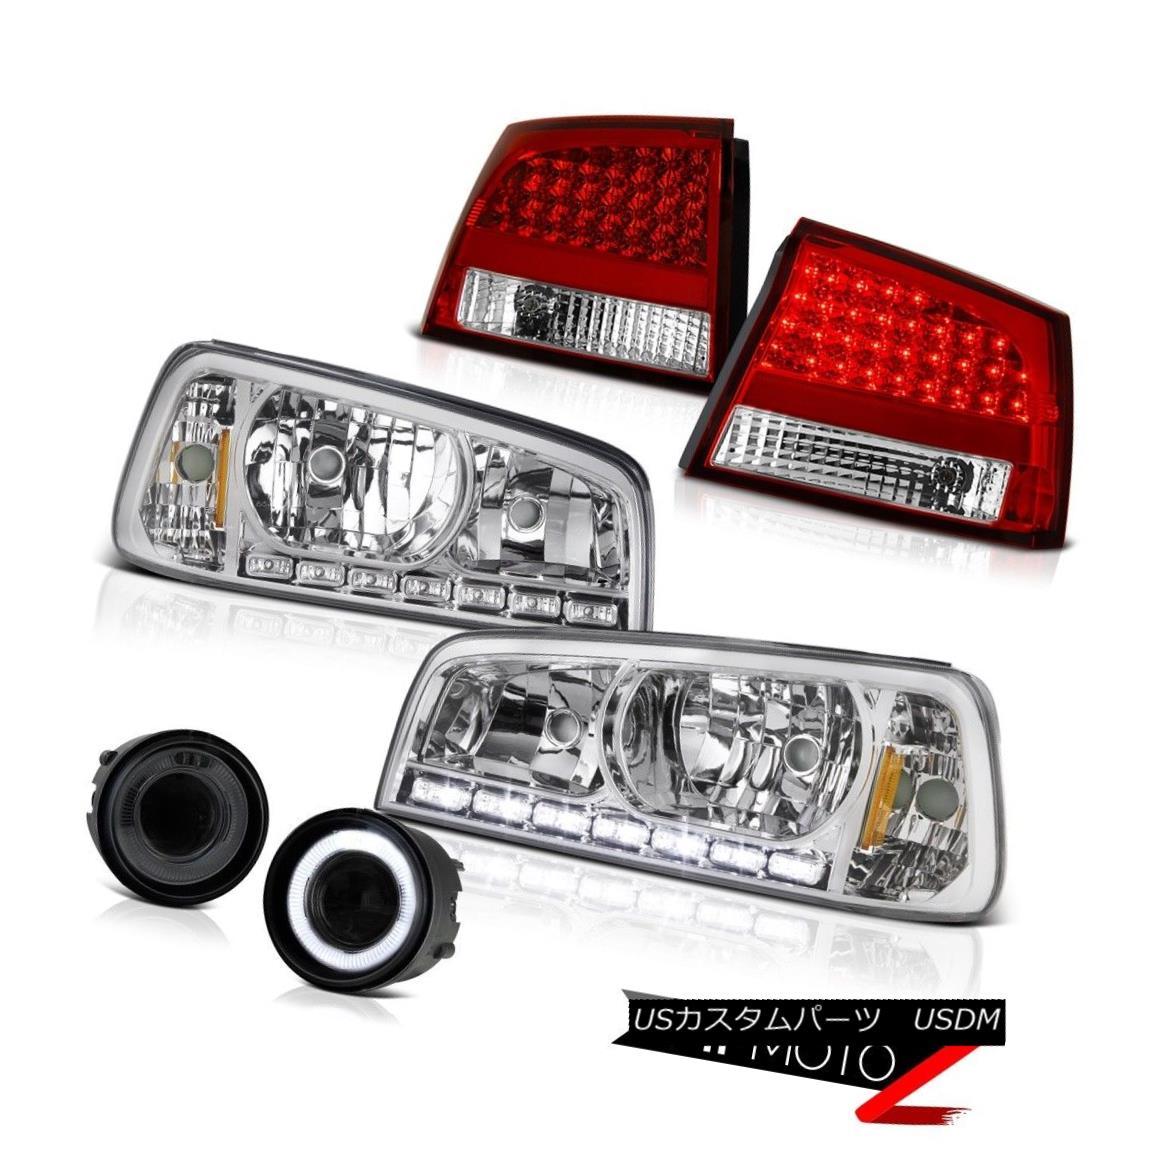 テールライト 2009 2010 Charger 2.7L Halo Headlights Smoke Bright LED Tail Lights DRL Foglight 2009年の充電器2.7L Haloヘッドライト煙を浴びる明るいLEDテールライトDRL Foglight